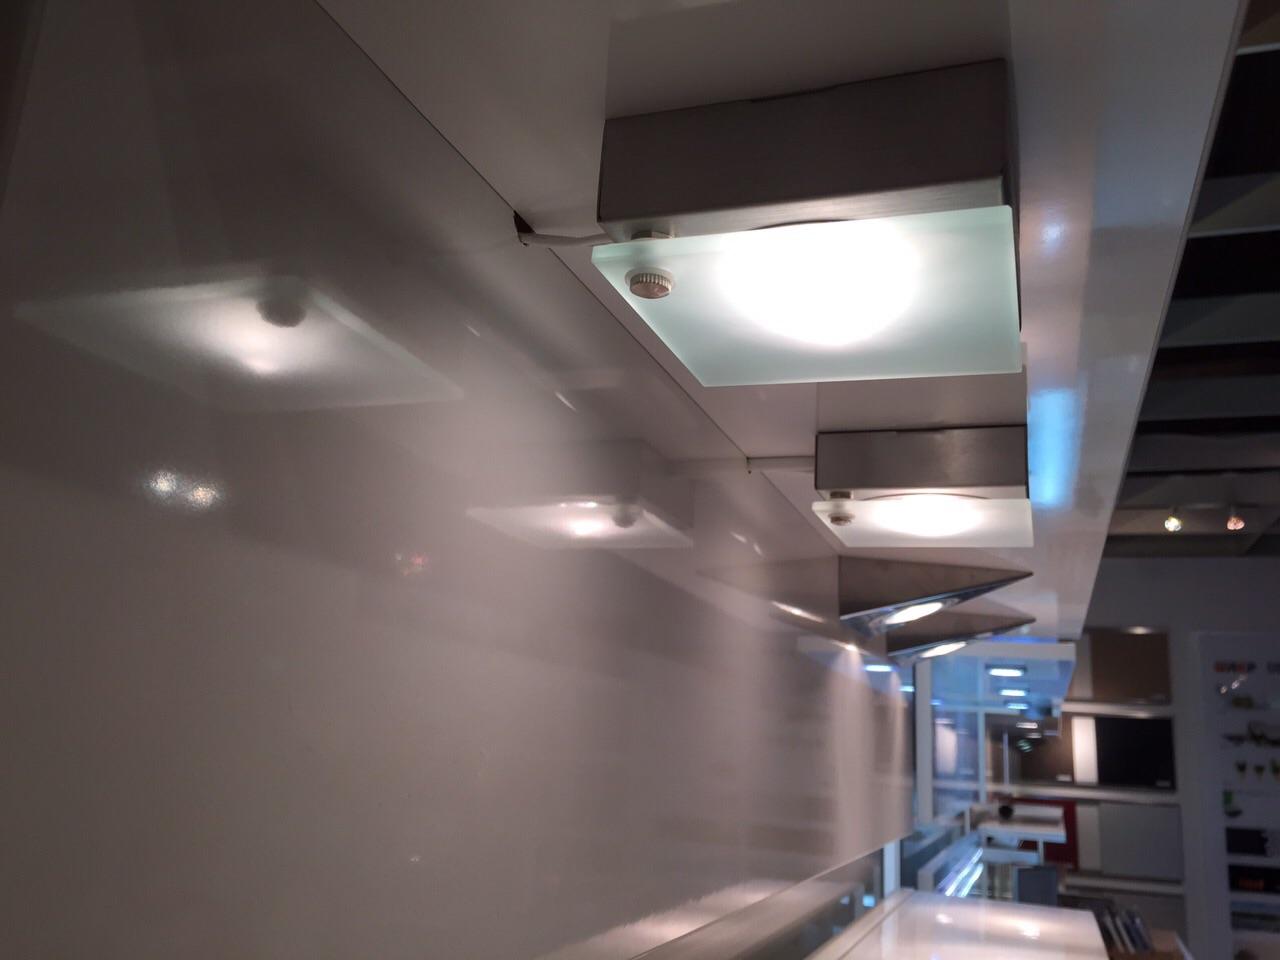 Beleuchtung in der Küche - Küchen-Info